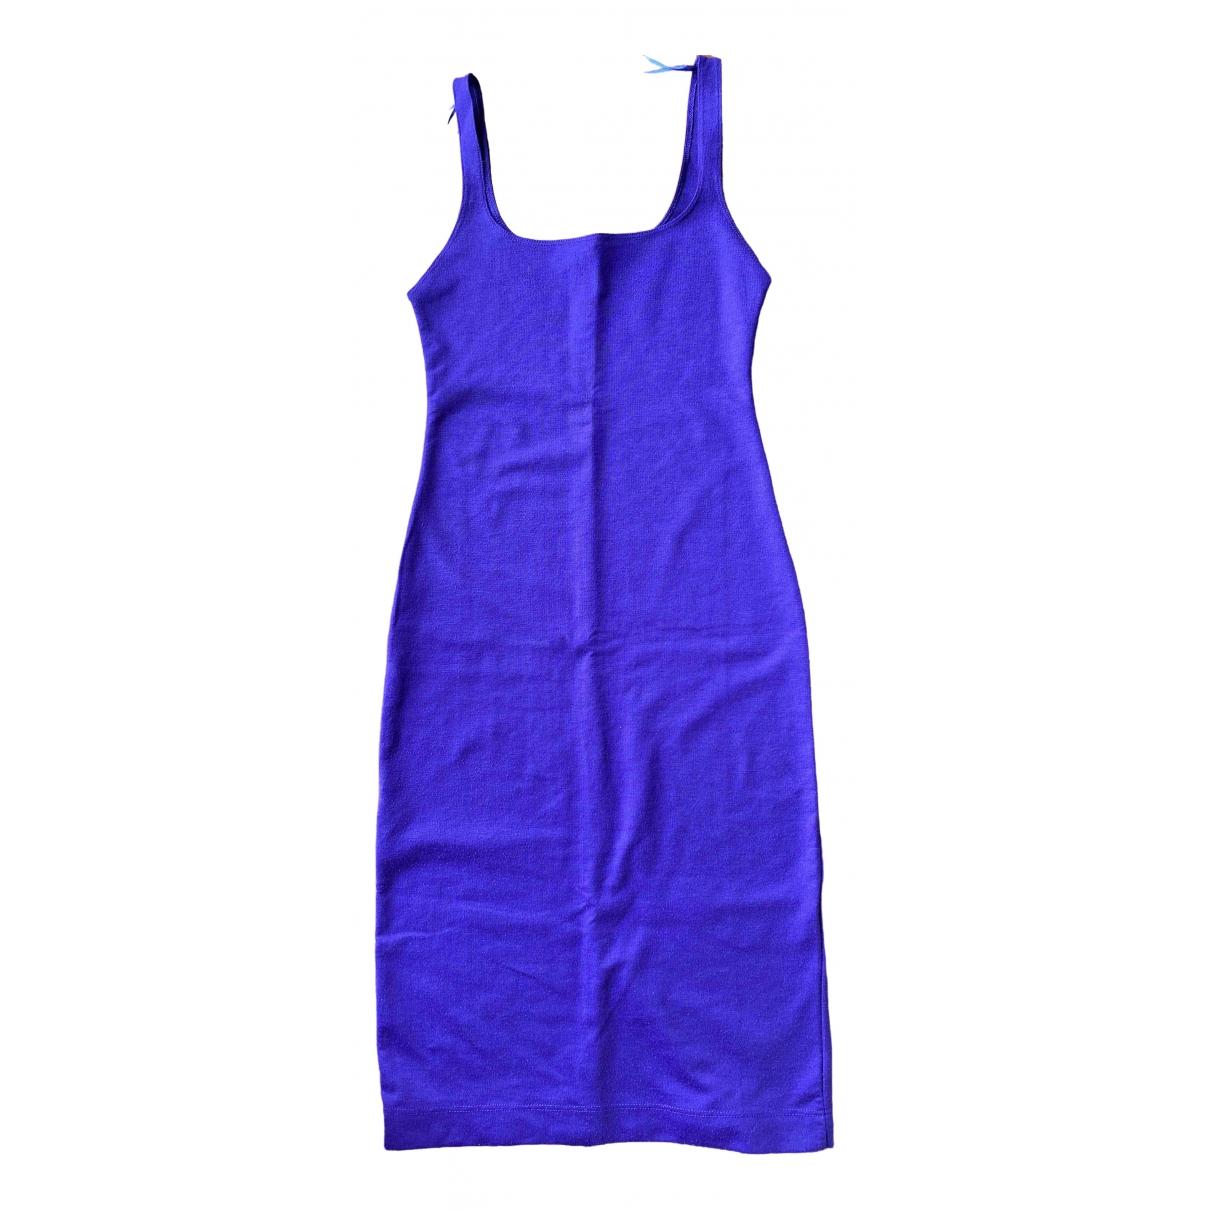 Zara \N Purple dress for Women S International